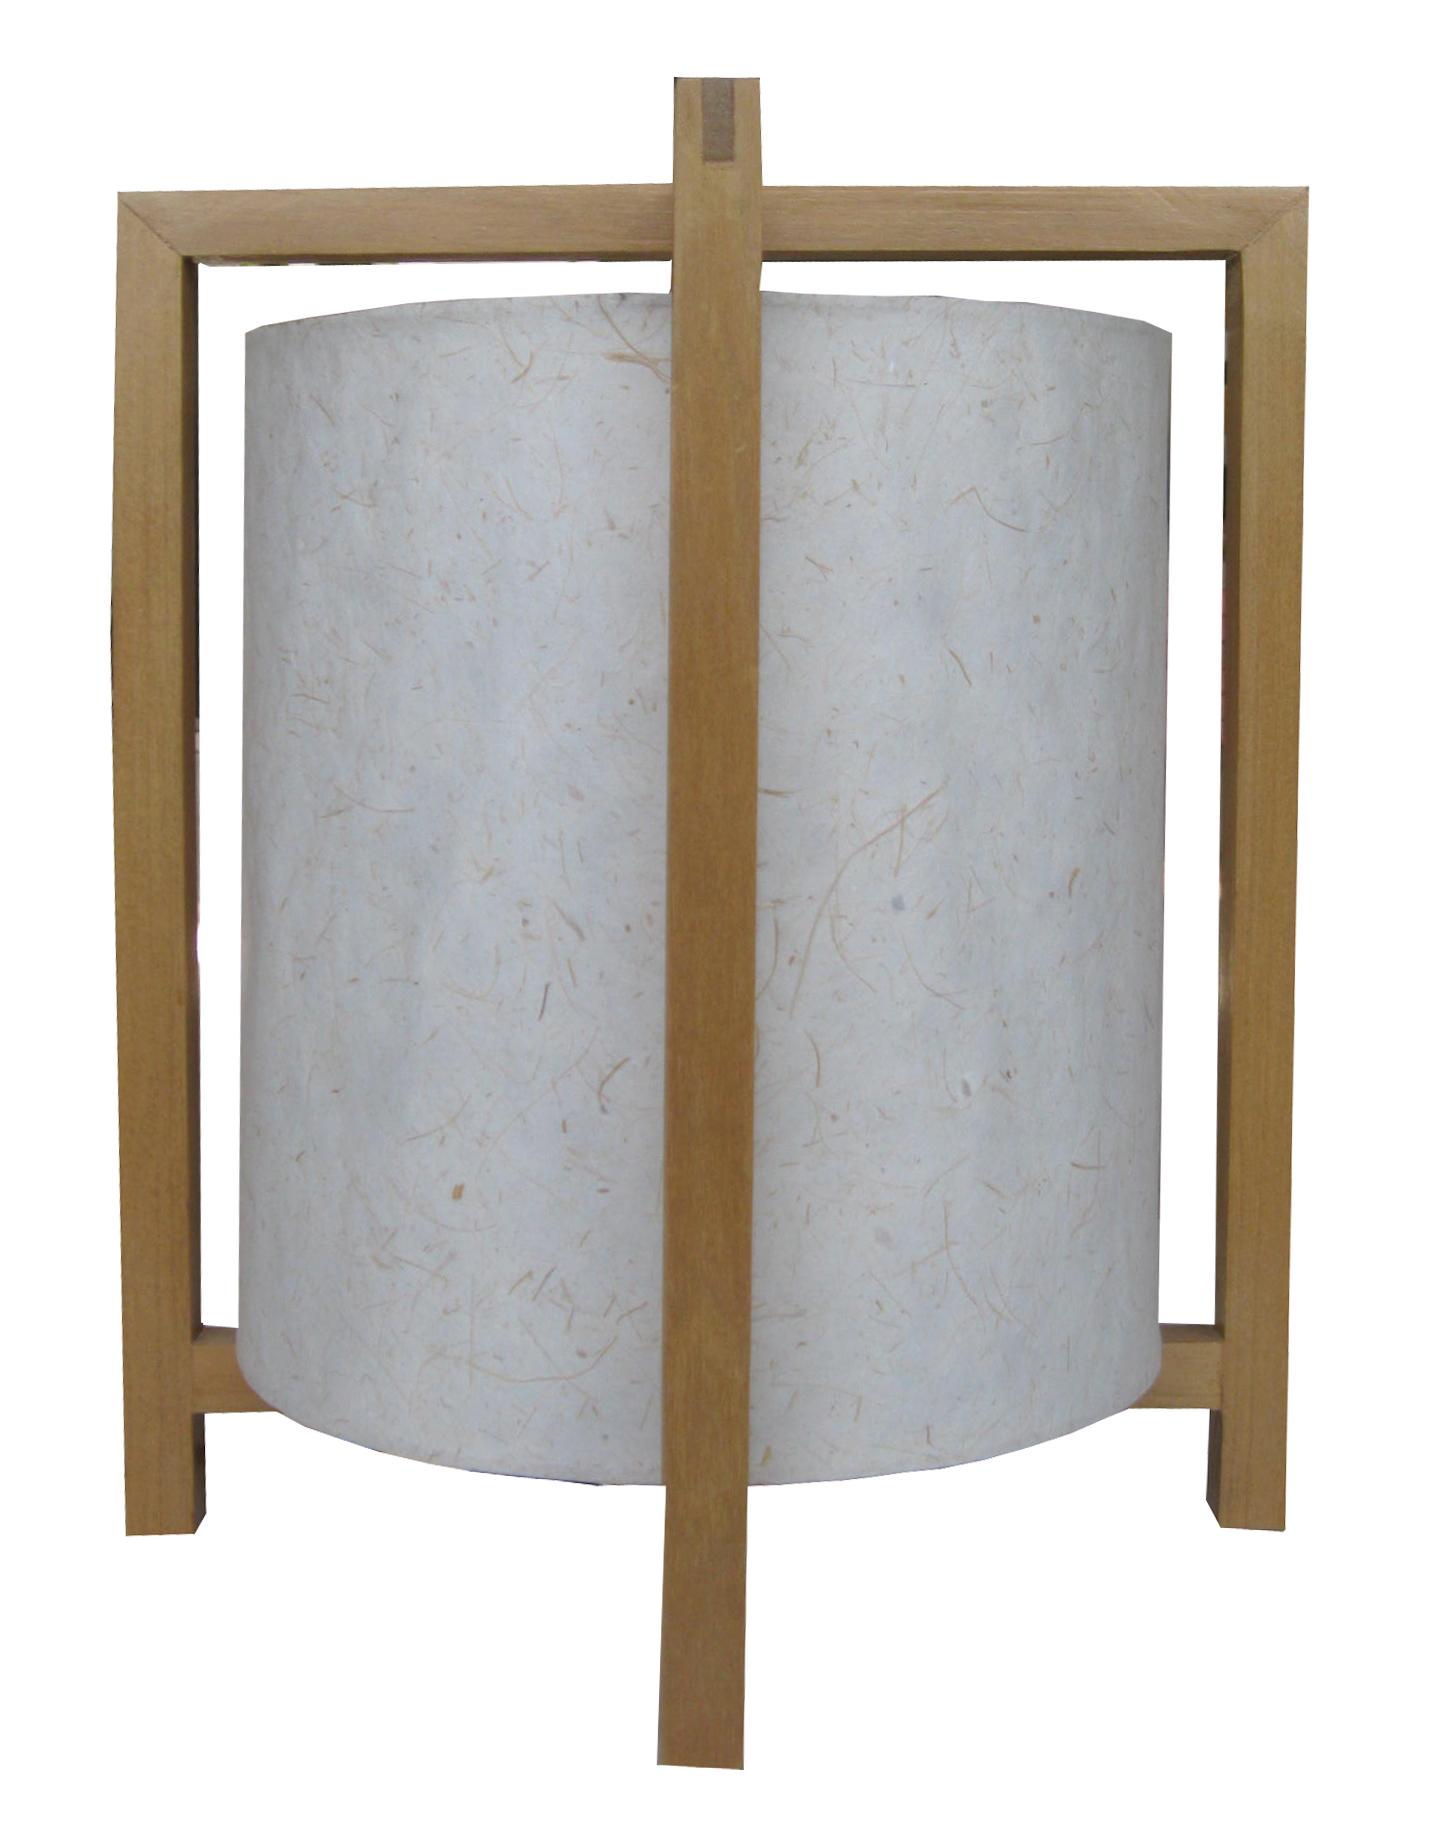 Lamp Cross Front.jpg